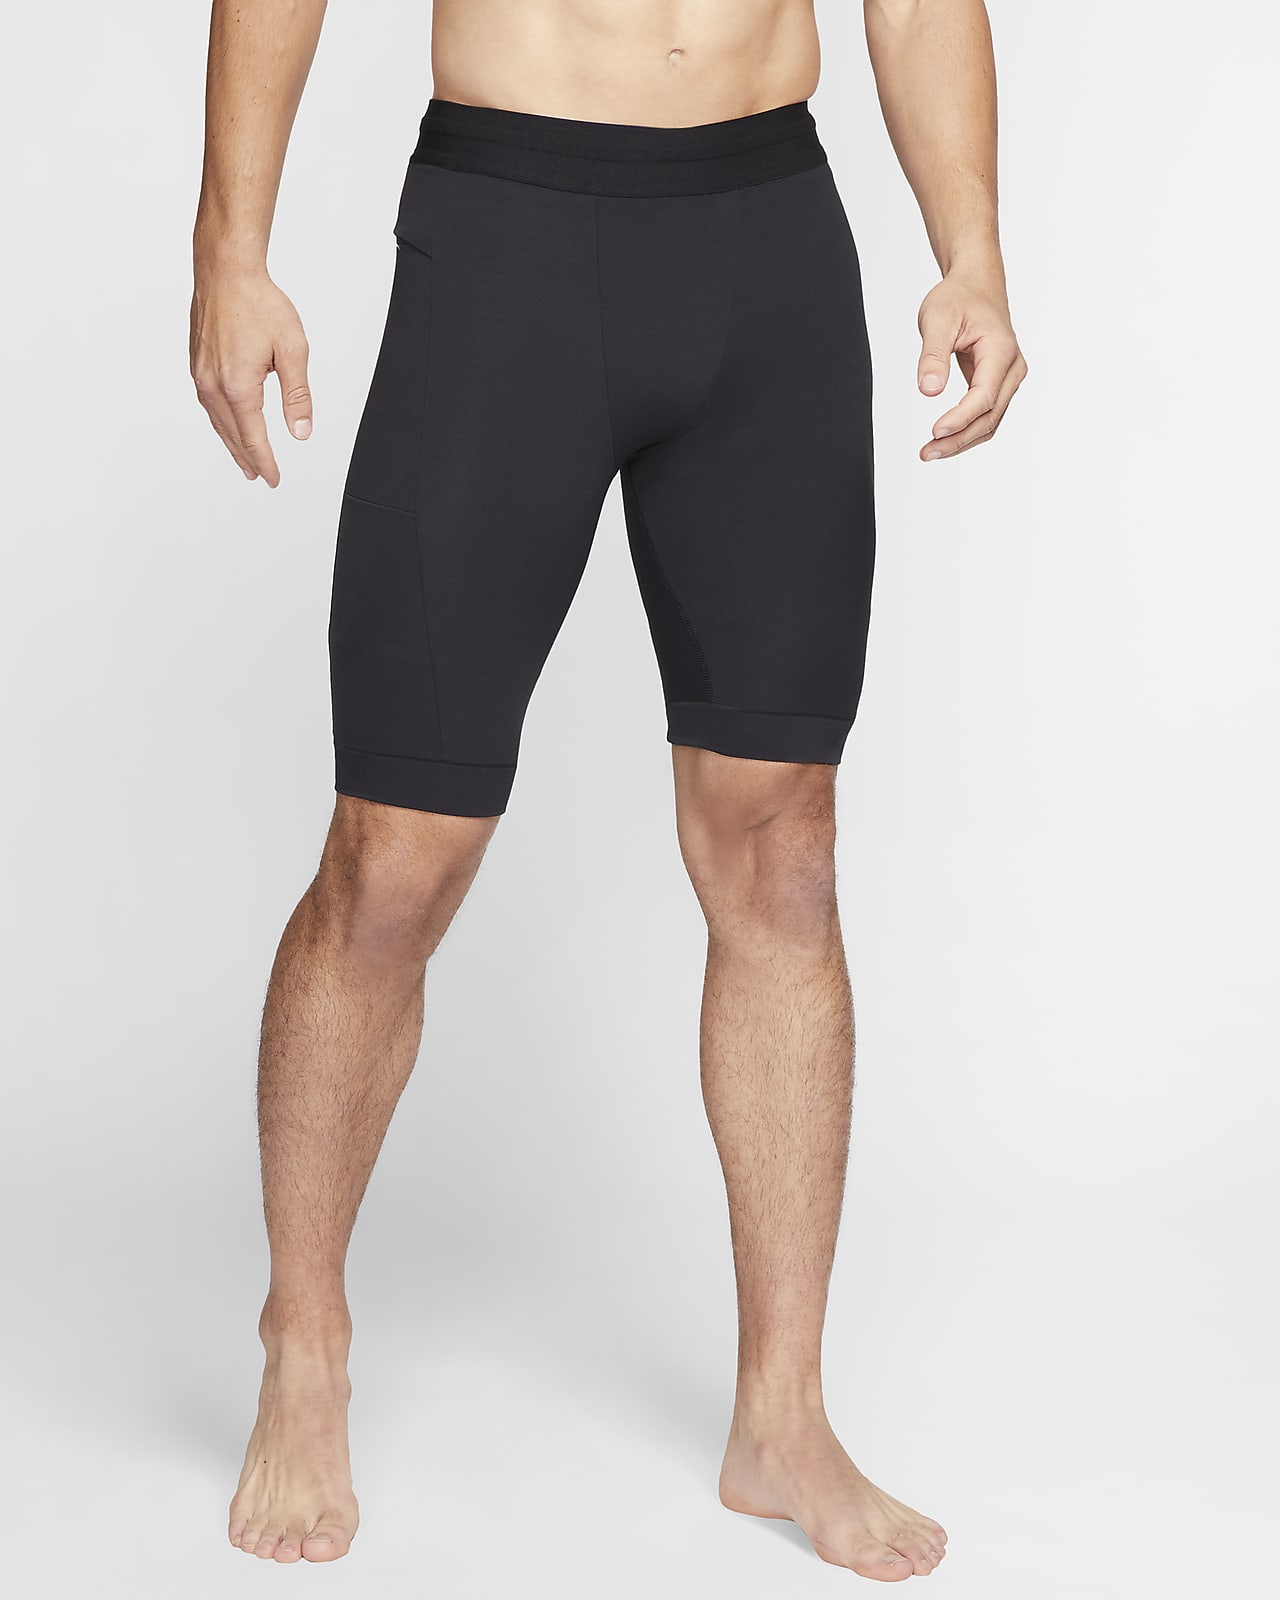 Nike Yoga Dri-FIT Men's Infinalon Shorts